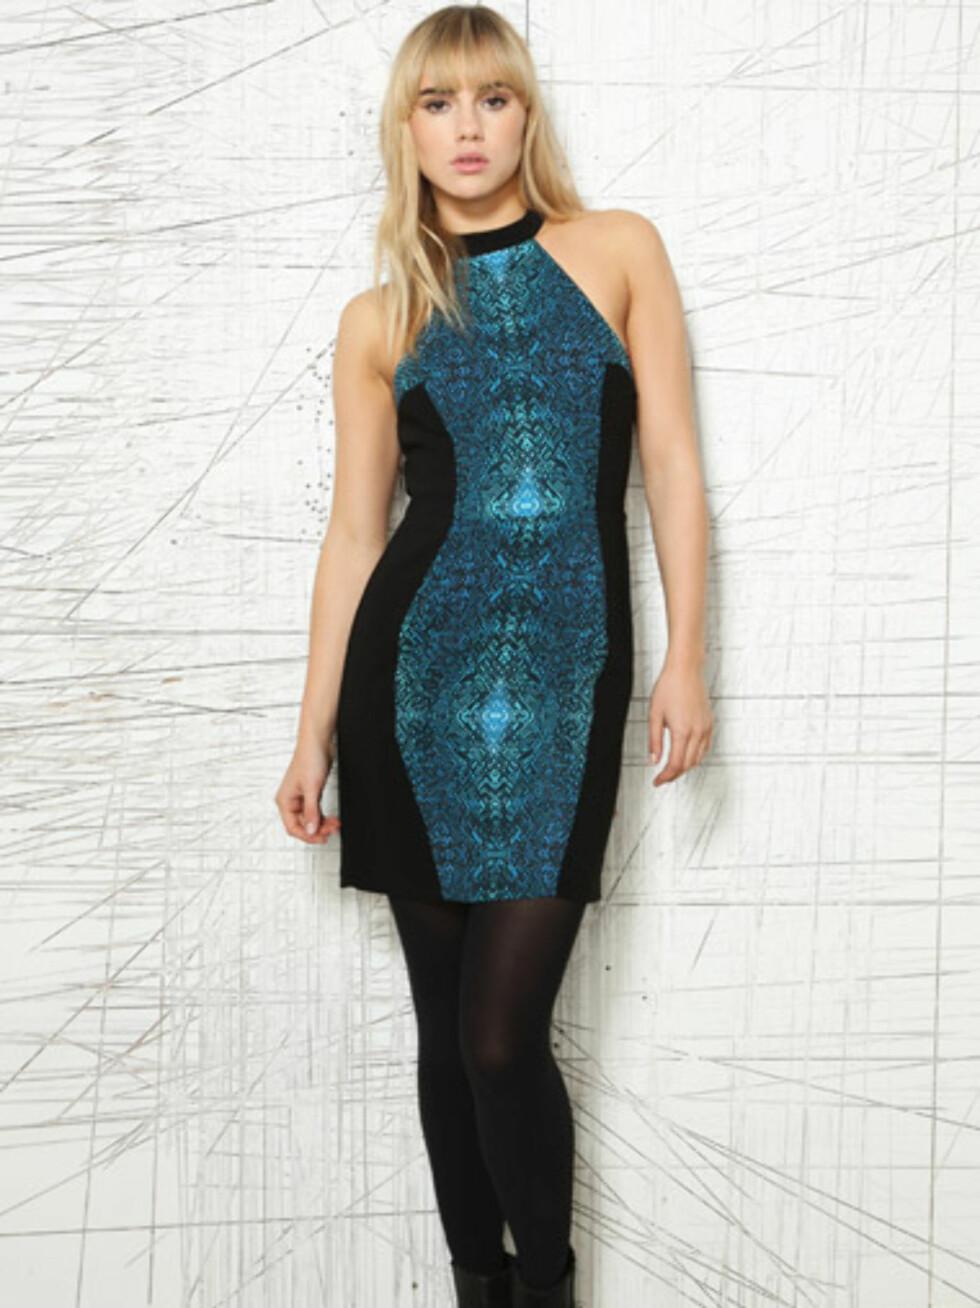 Blågrønn kjole med svarte partier langs siden fra Silence & Noise. Cirka 450 kroner, Urbanoutfitters.co.uk.  Foto: Produsenten